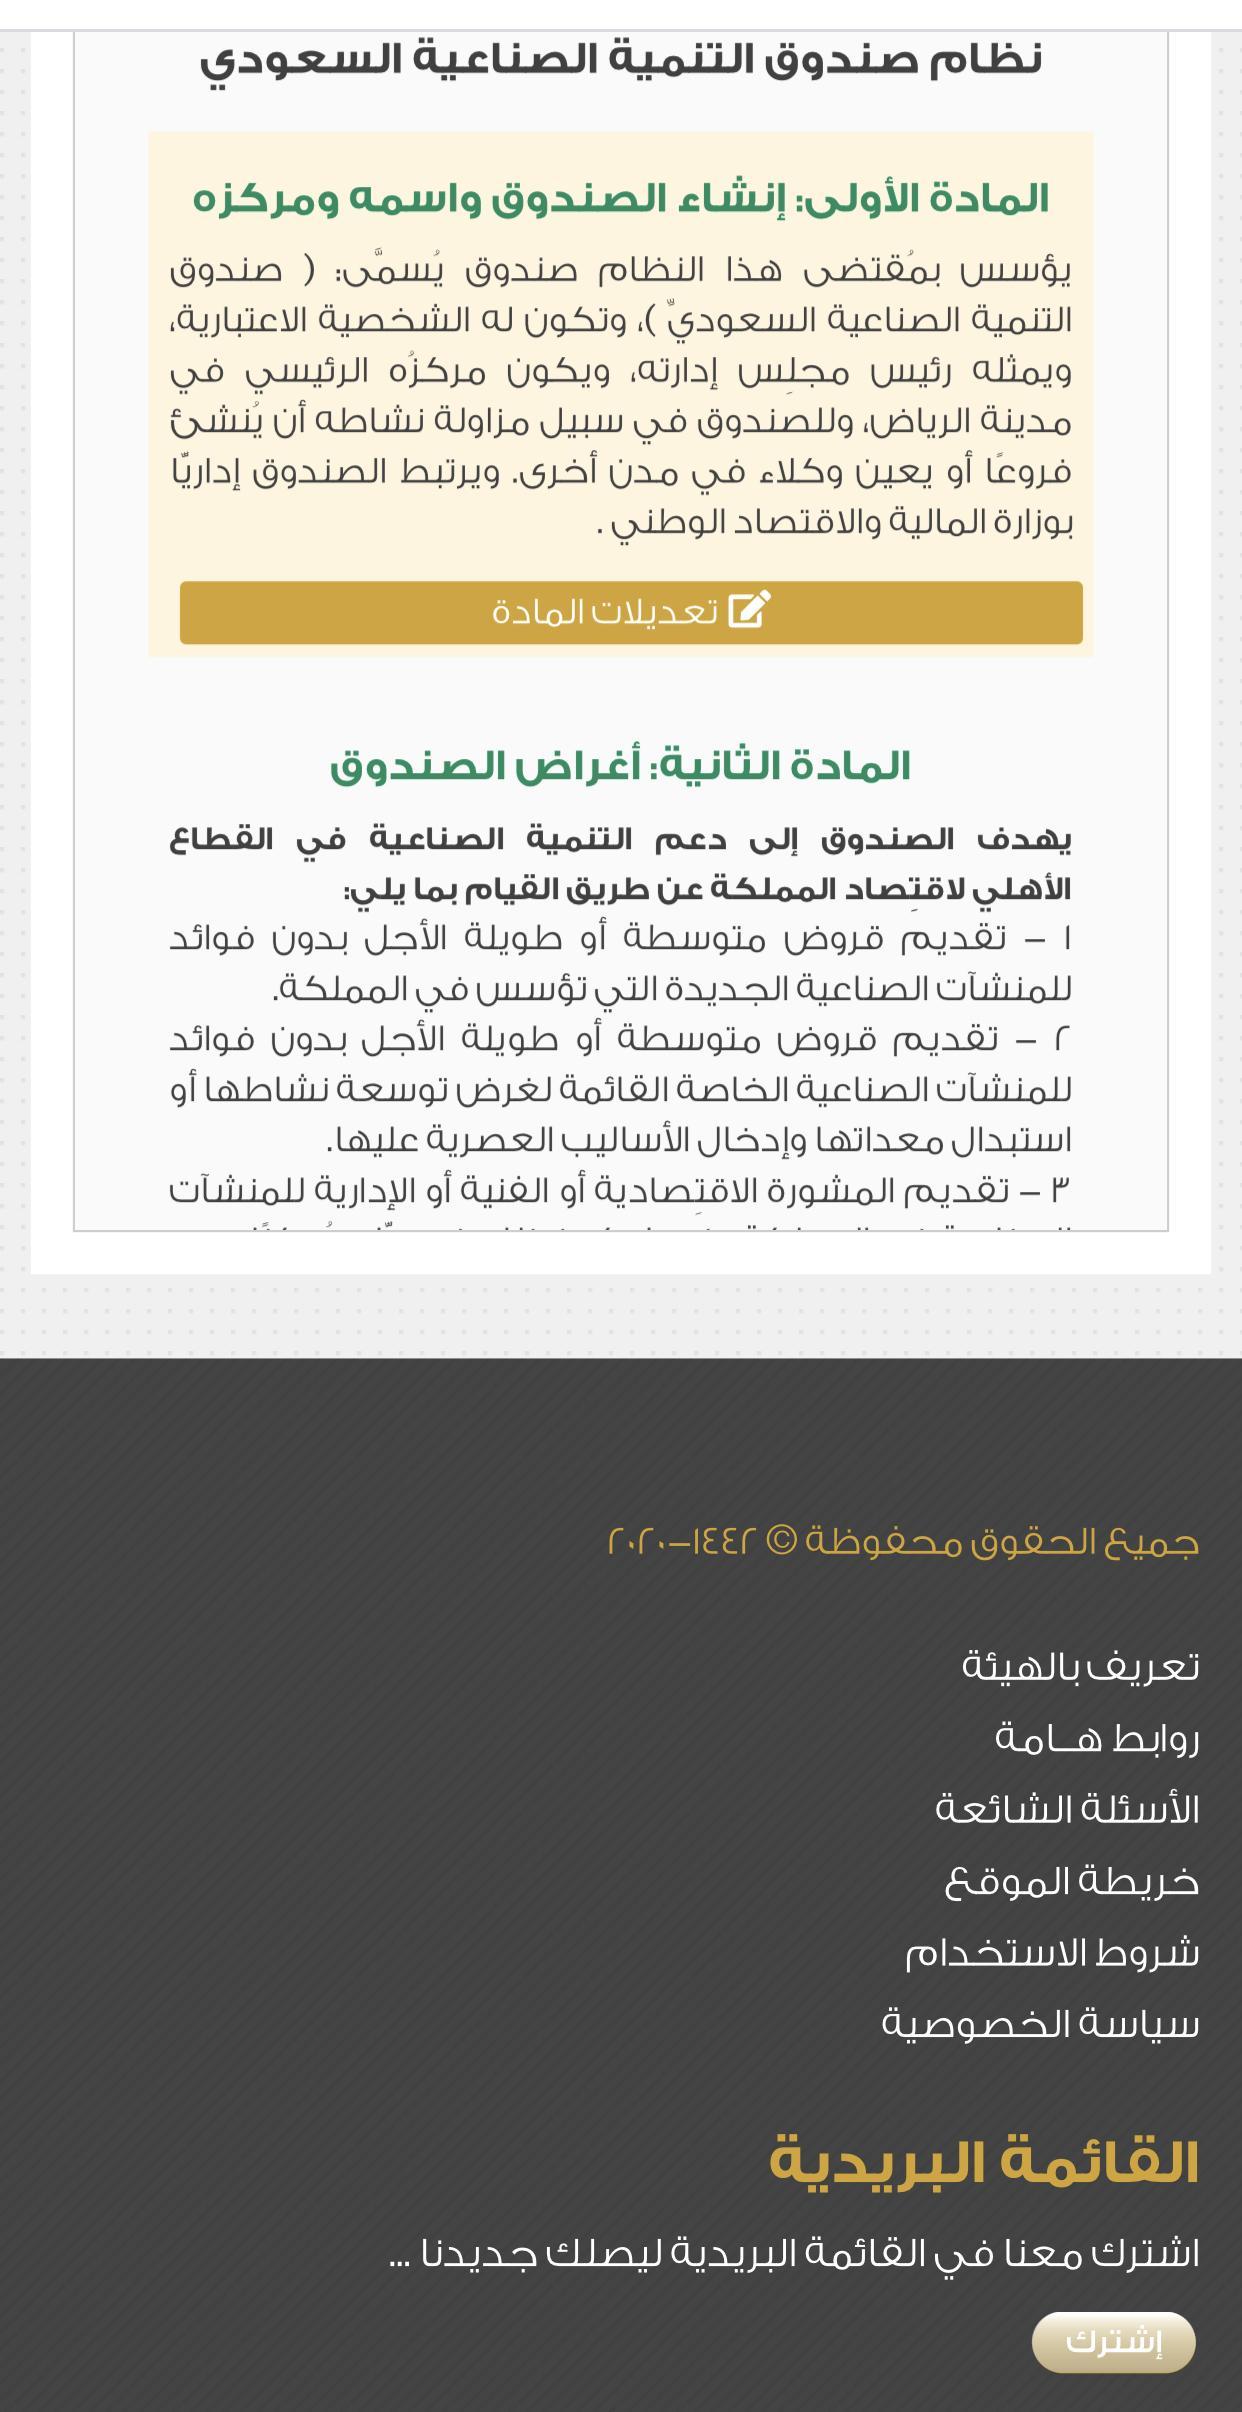 رد: مجلس ادارة اسمنت حائل يوافق على السداد المبكر من قرض صندوق التنمية